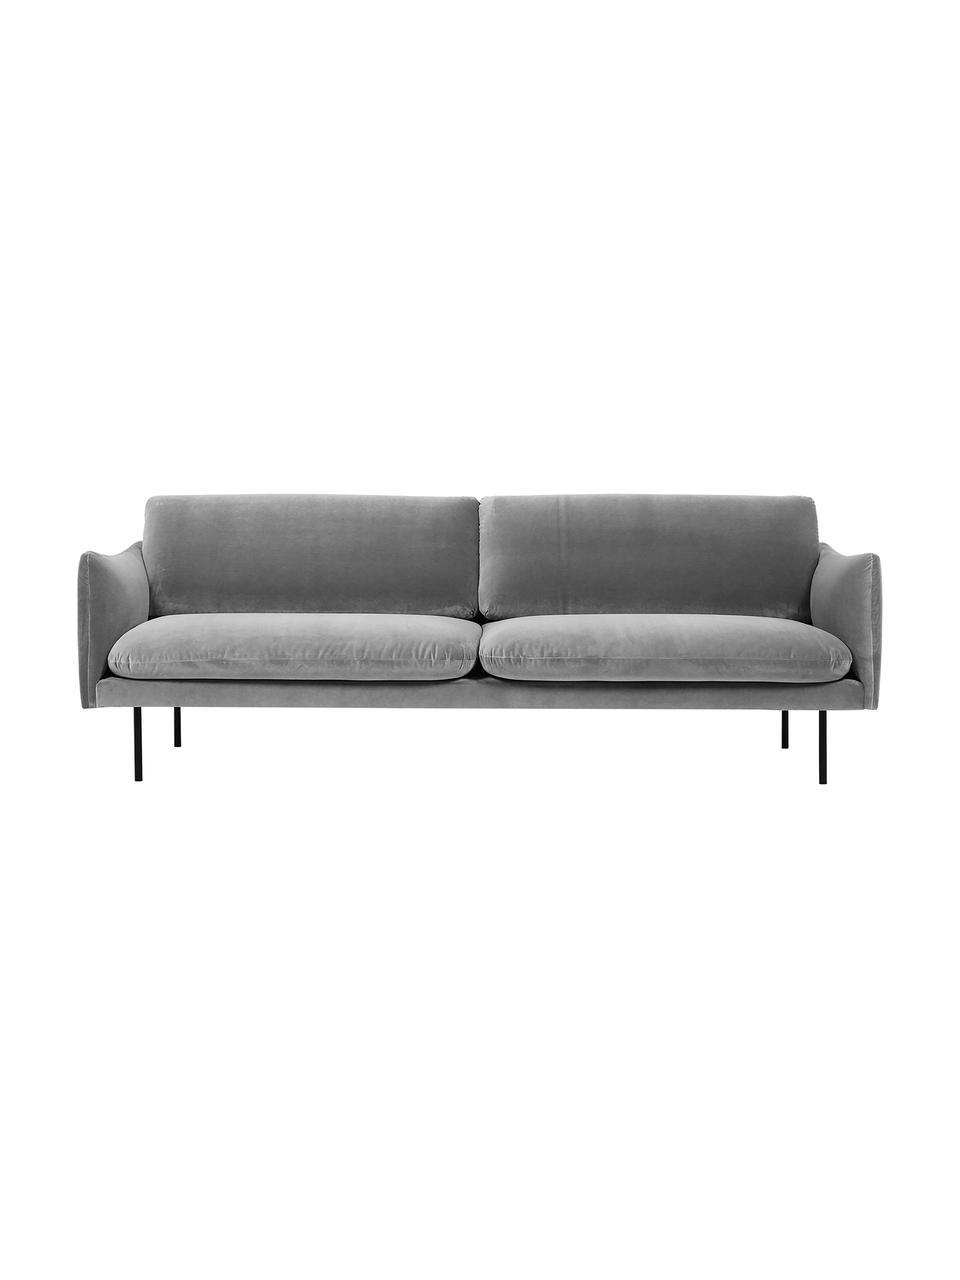 Divano 3 posti in velluto grigio Moby, Rivestimento: velluto (rivestimento in , Struttura: legno di pino massiccio, Velluto grigio, Larg. 220 x Prof. 95 cm